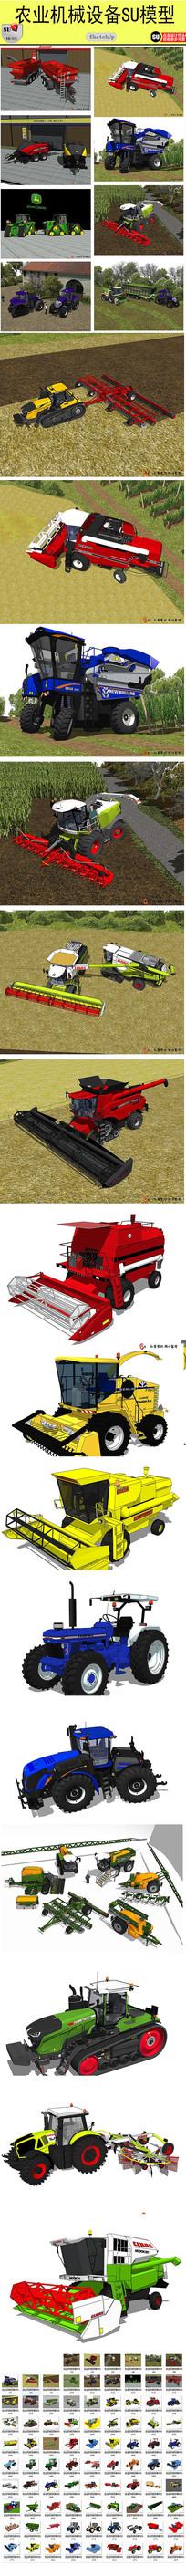 SU农业机械设备